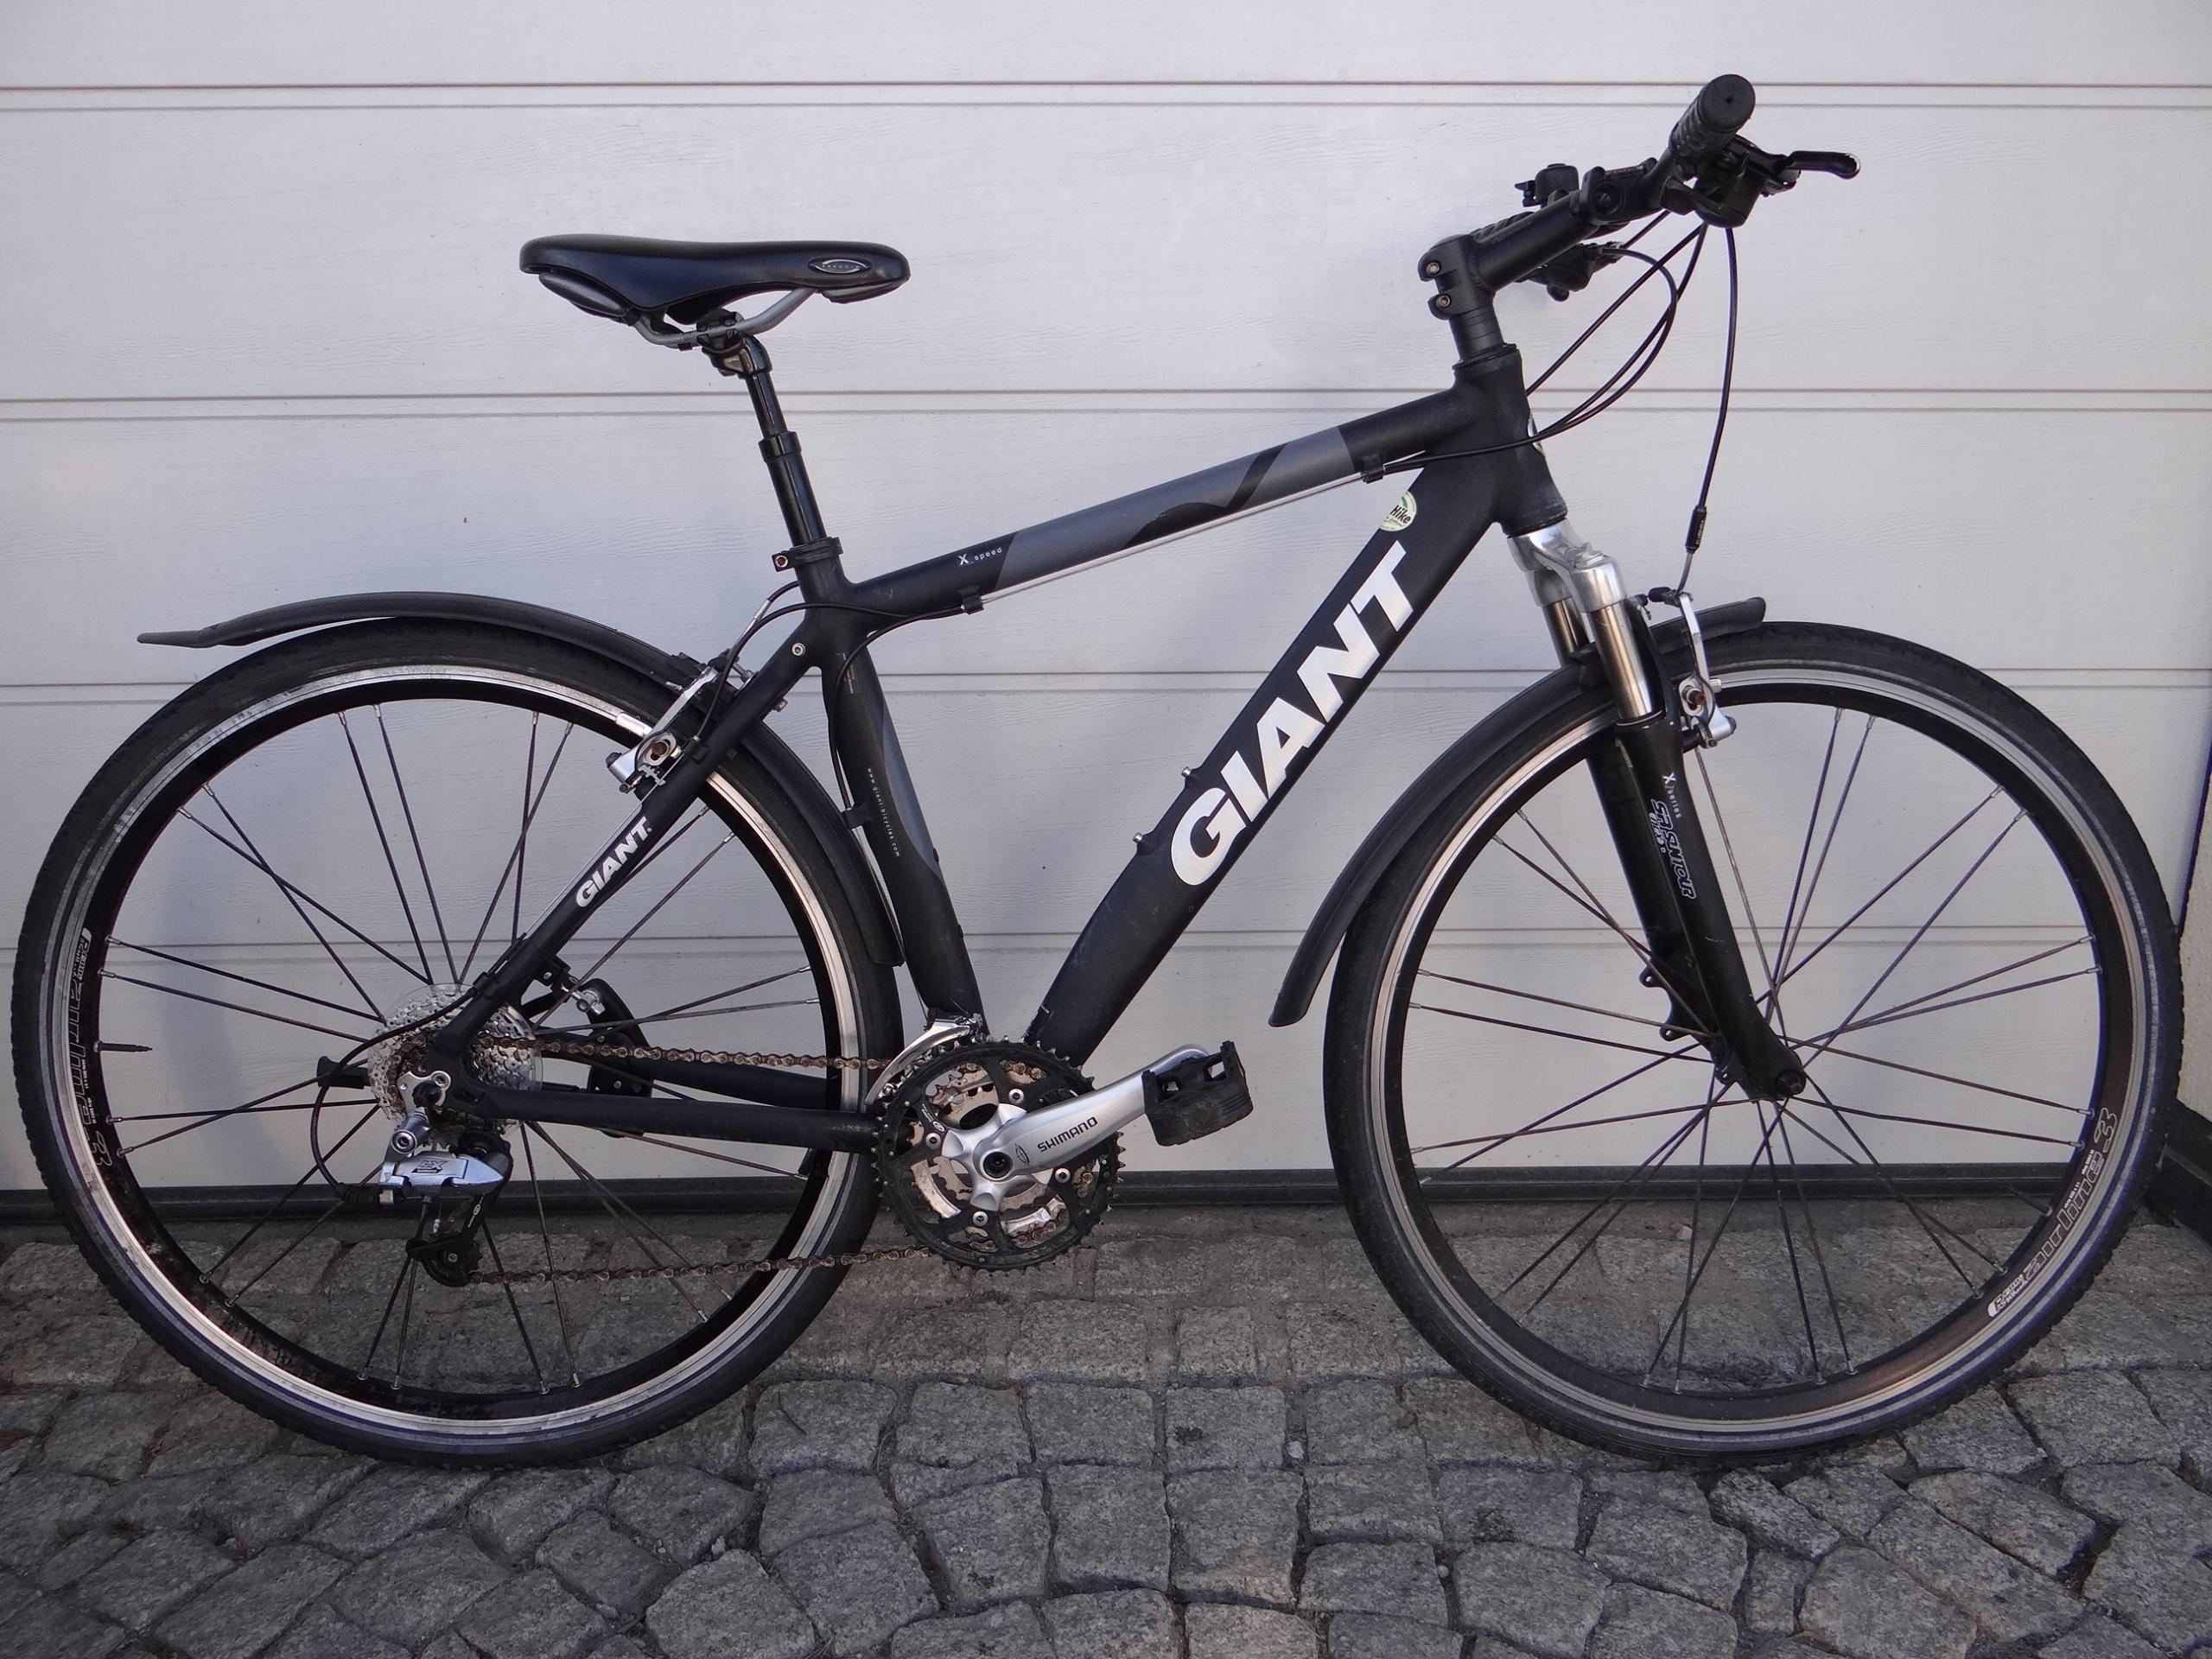 Rower crossowy GIANT X-SPEED-DEORE LX,koła 28